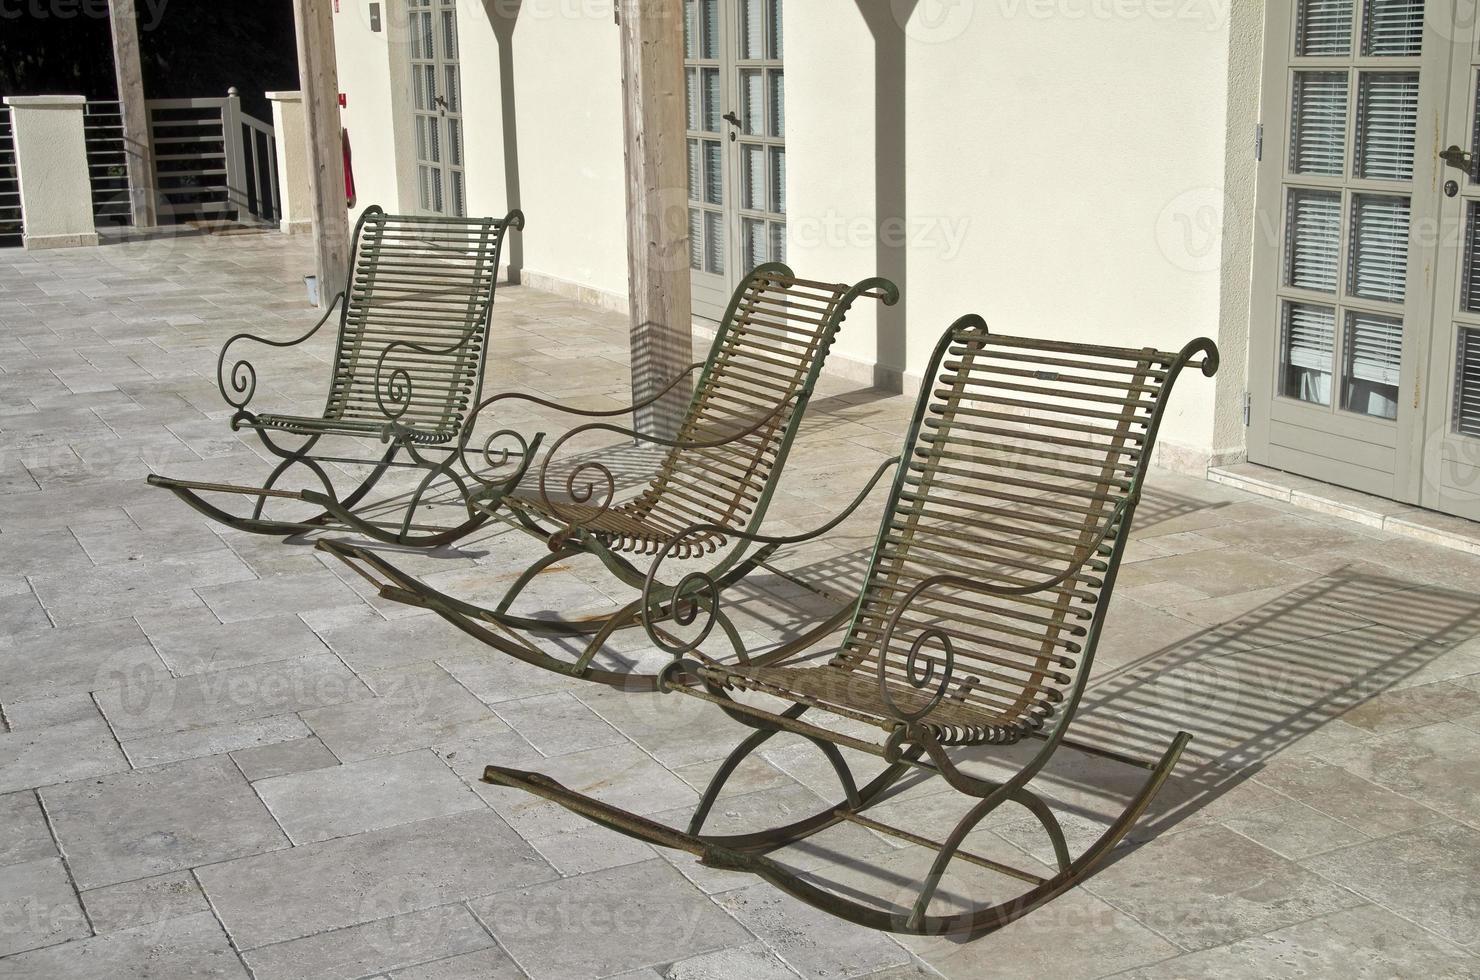 tres sillas vacías. foto